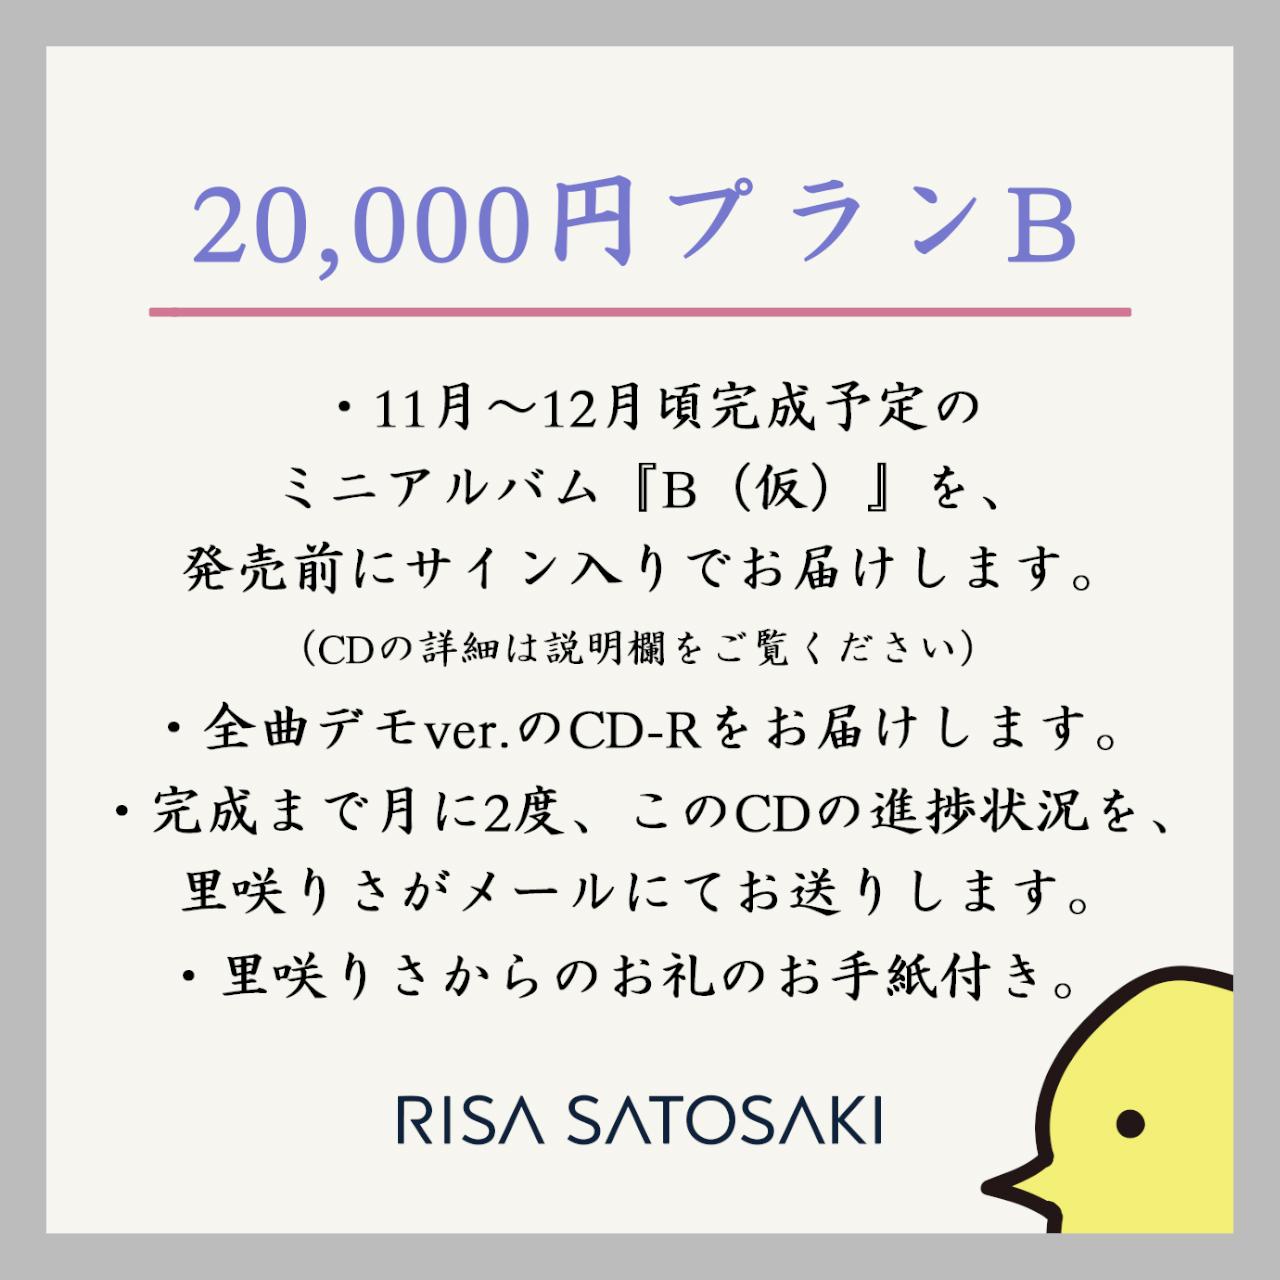 【ミニアルバム「B(仮)」事前購入特別応援プラン】20000円プランB